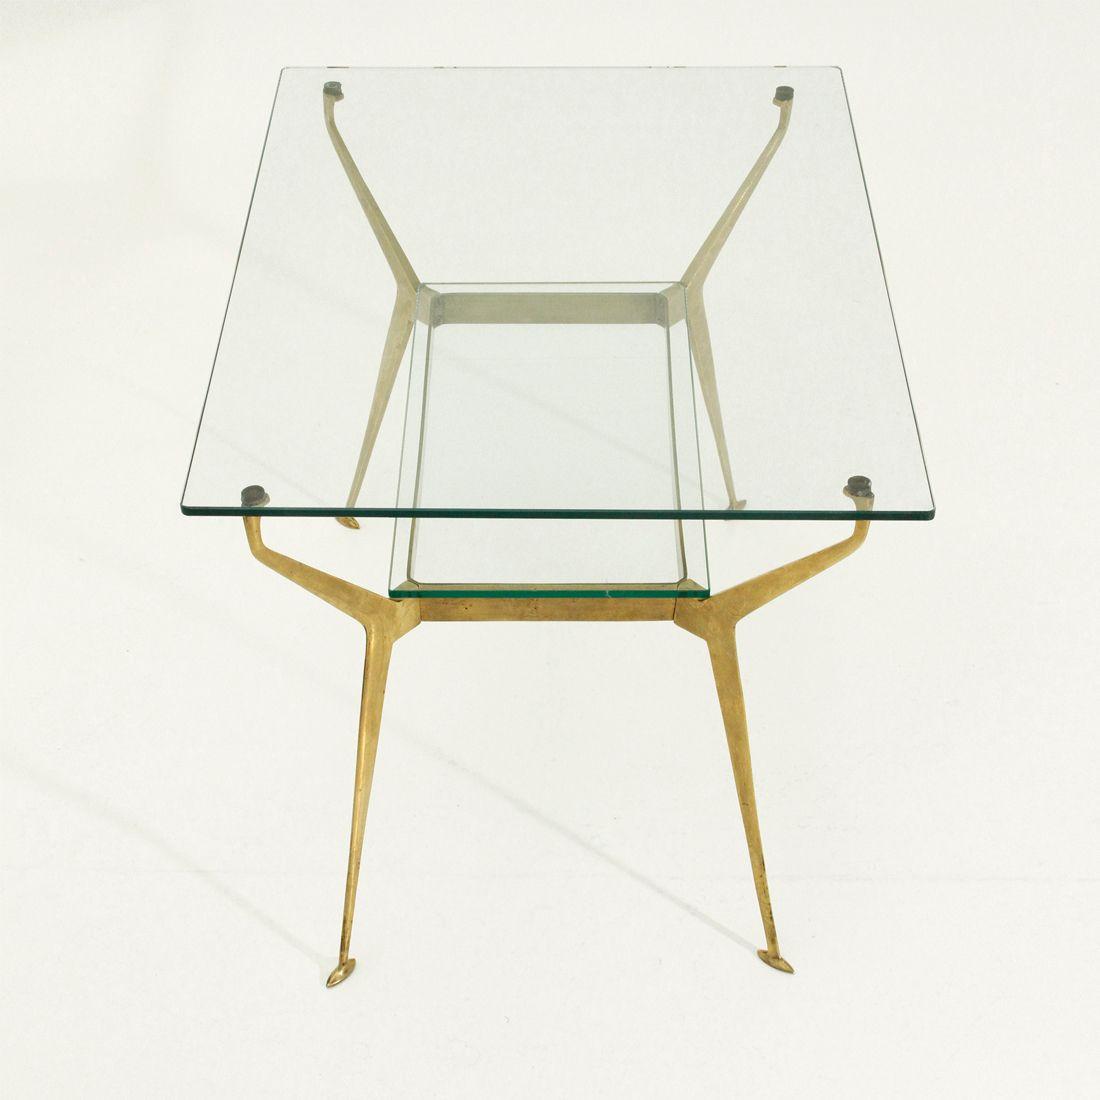 couchtisch aus messing glas 1950er bei pamono kaufen. Black Bedroom Furniture Sets. Home Design Ideas